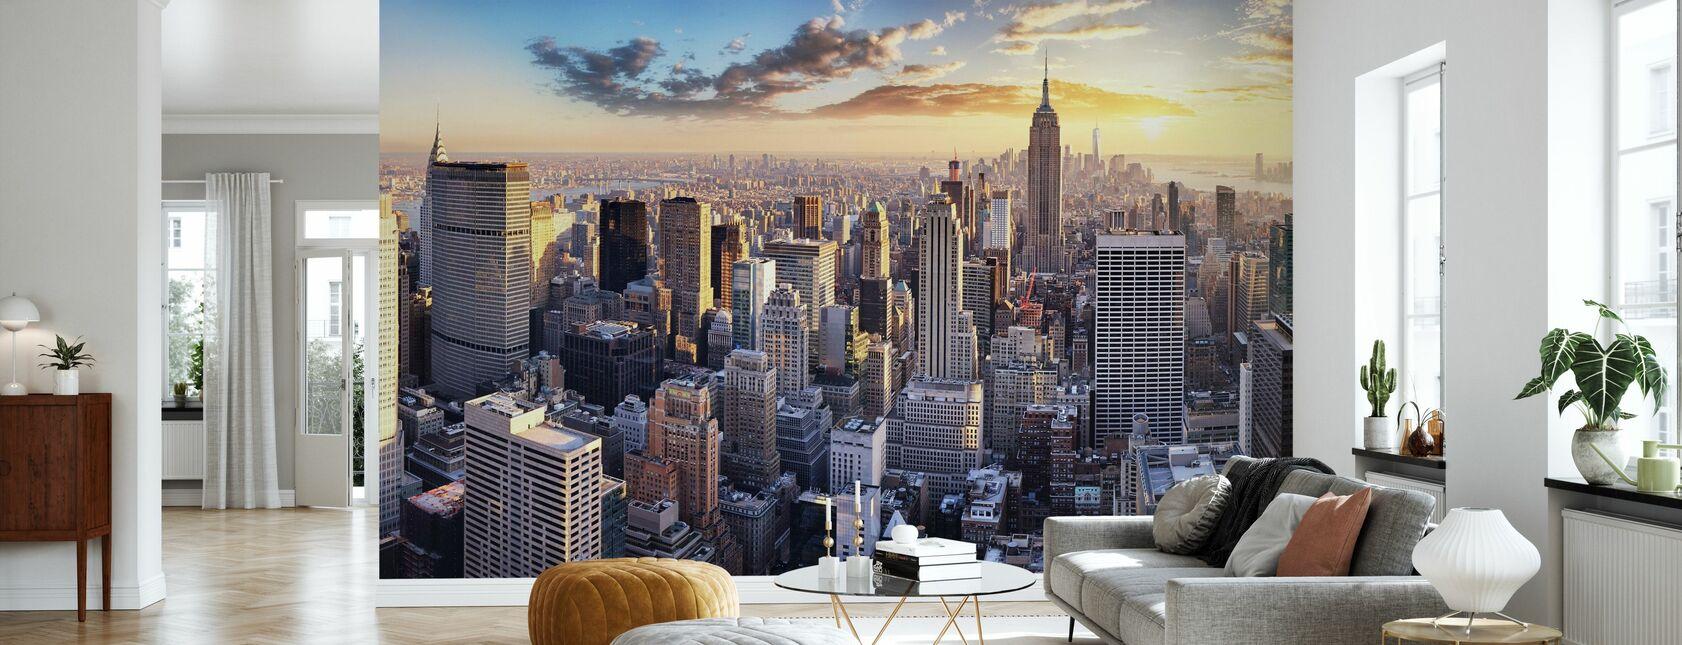 New York Skyline - Wallpaper - Living Room